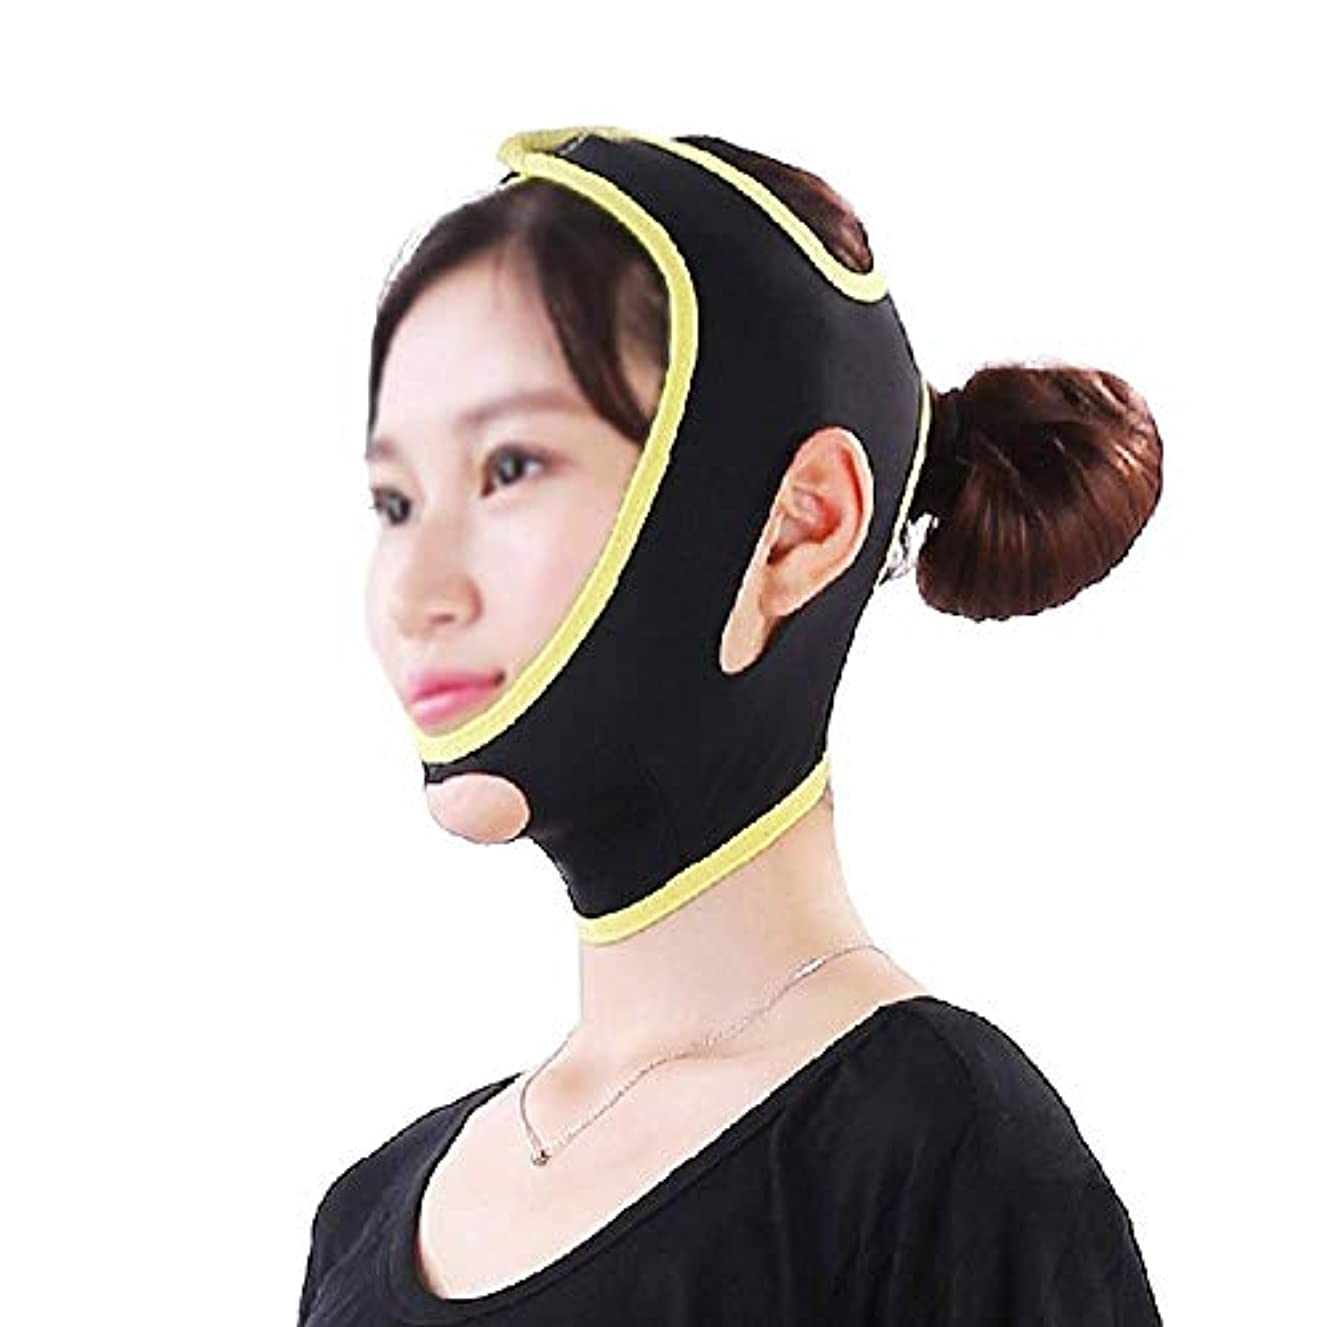 繊細遠近法怠惰フェイスアンドネックリフト、Vフェイスマスクは顔の輪郭を強化して、顎の超弾性包帯を引き締める咬筋を緩和します(サイズ:L)